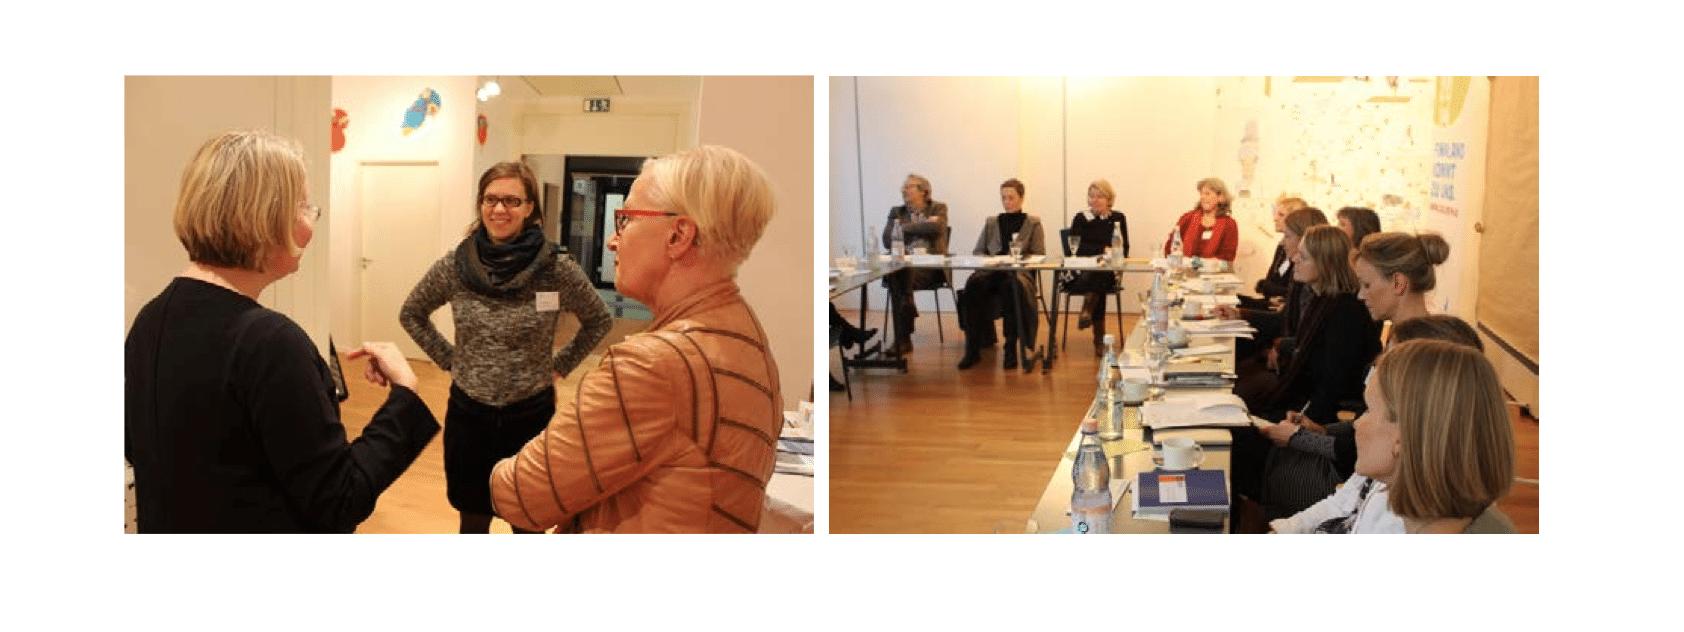 Finnland.cool Abschluss Meeting in Berlin